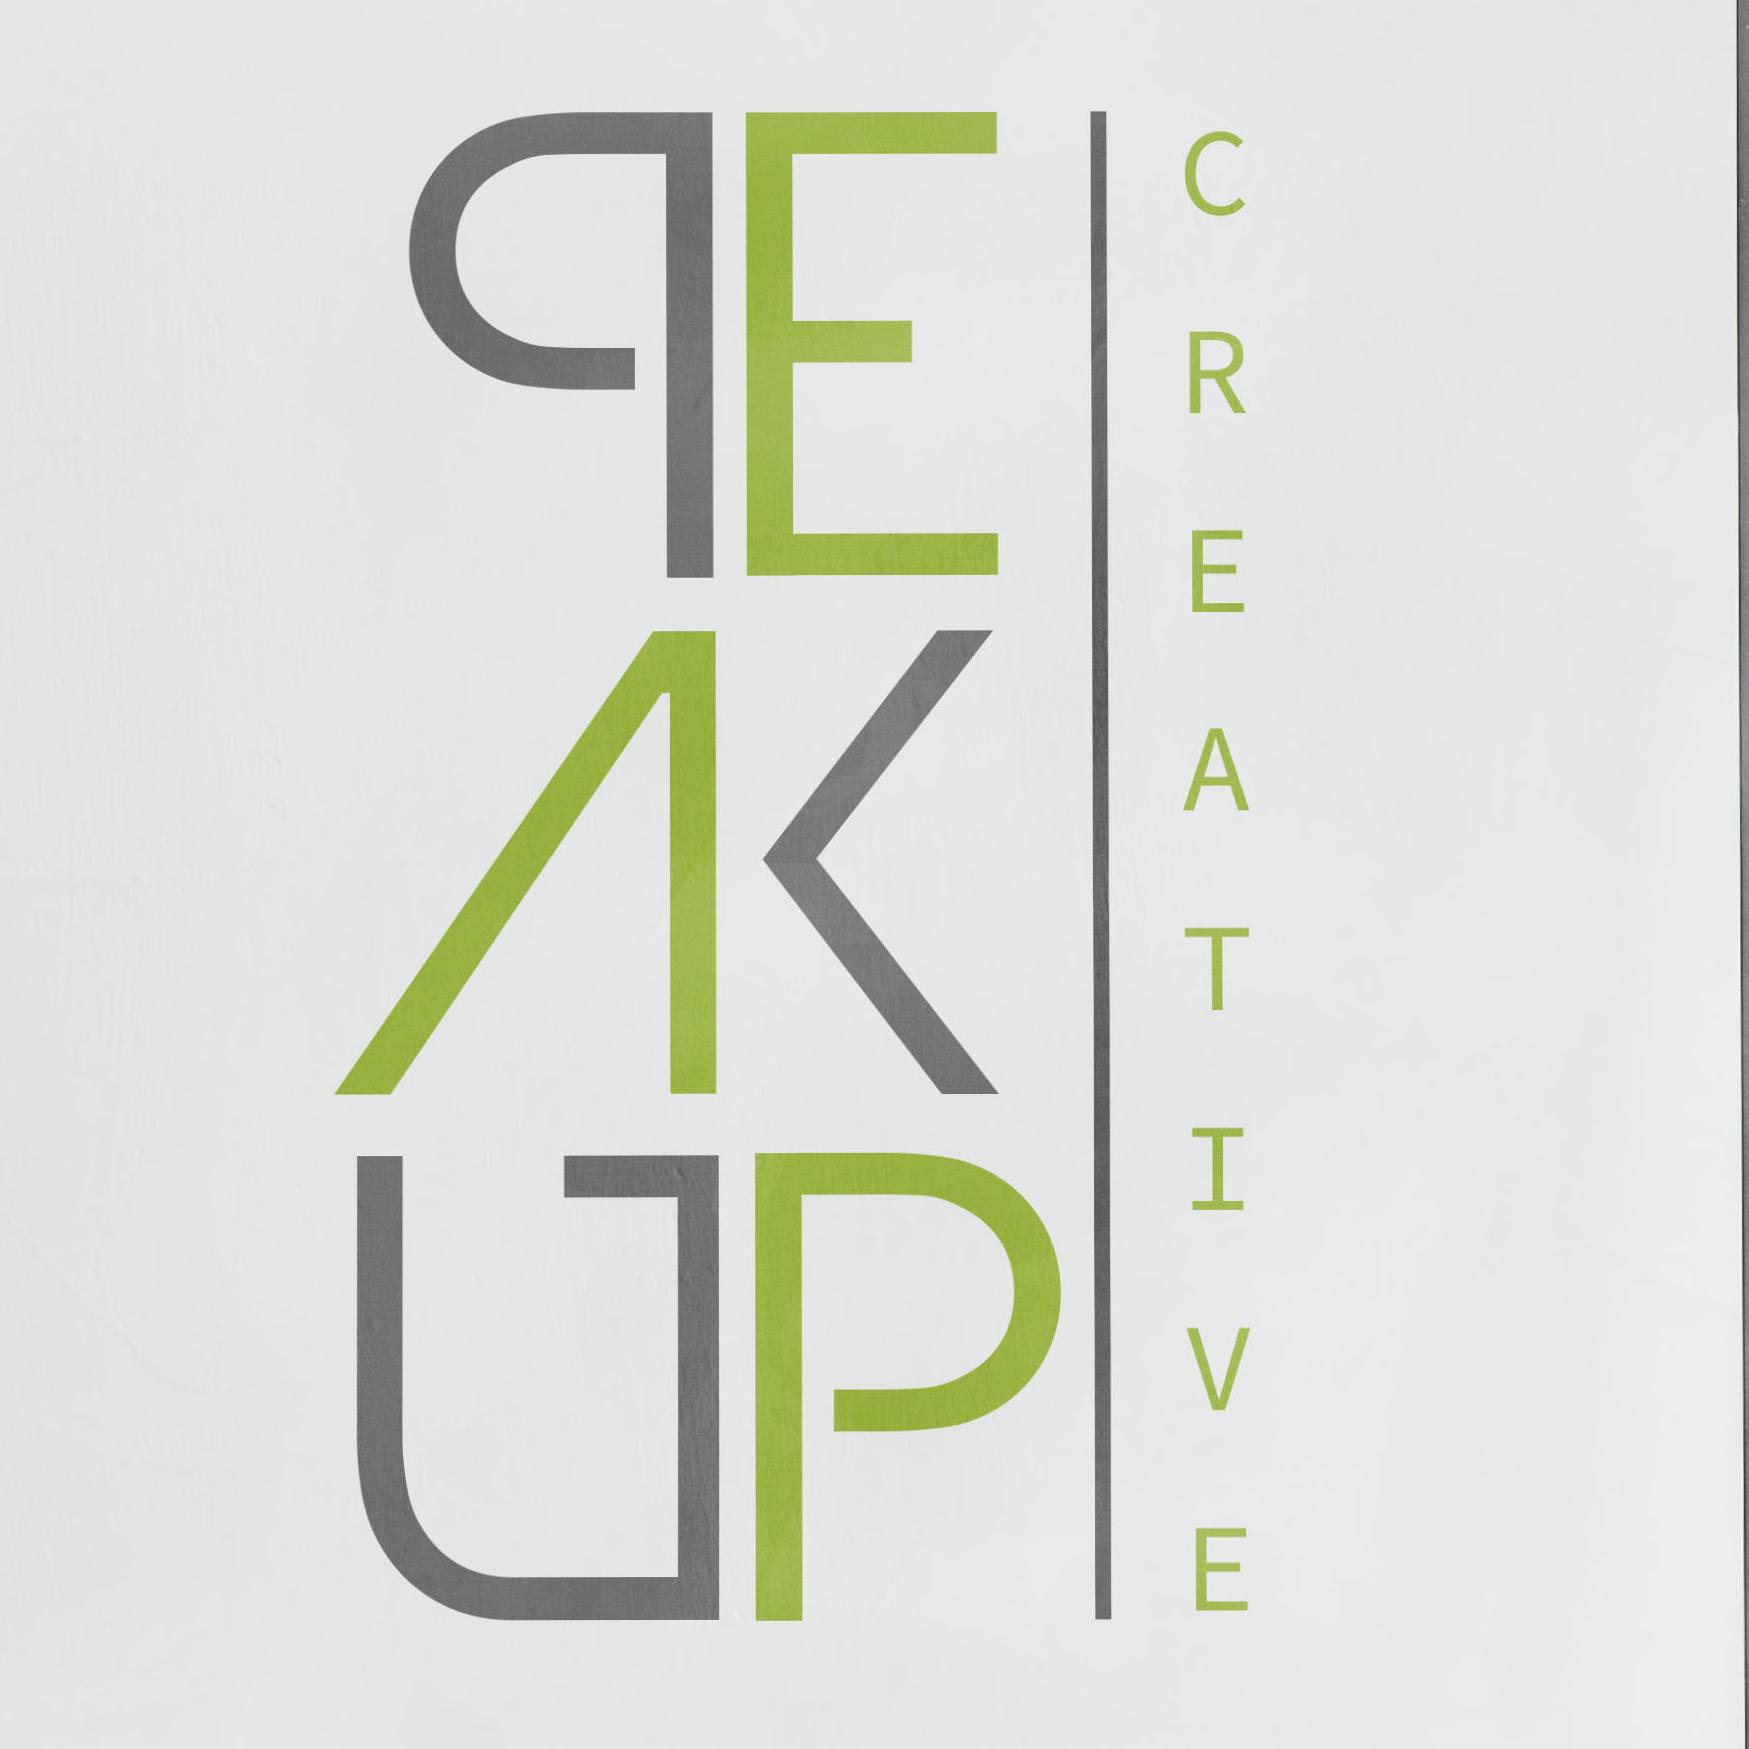 Peakup creative